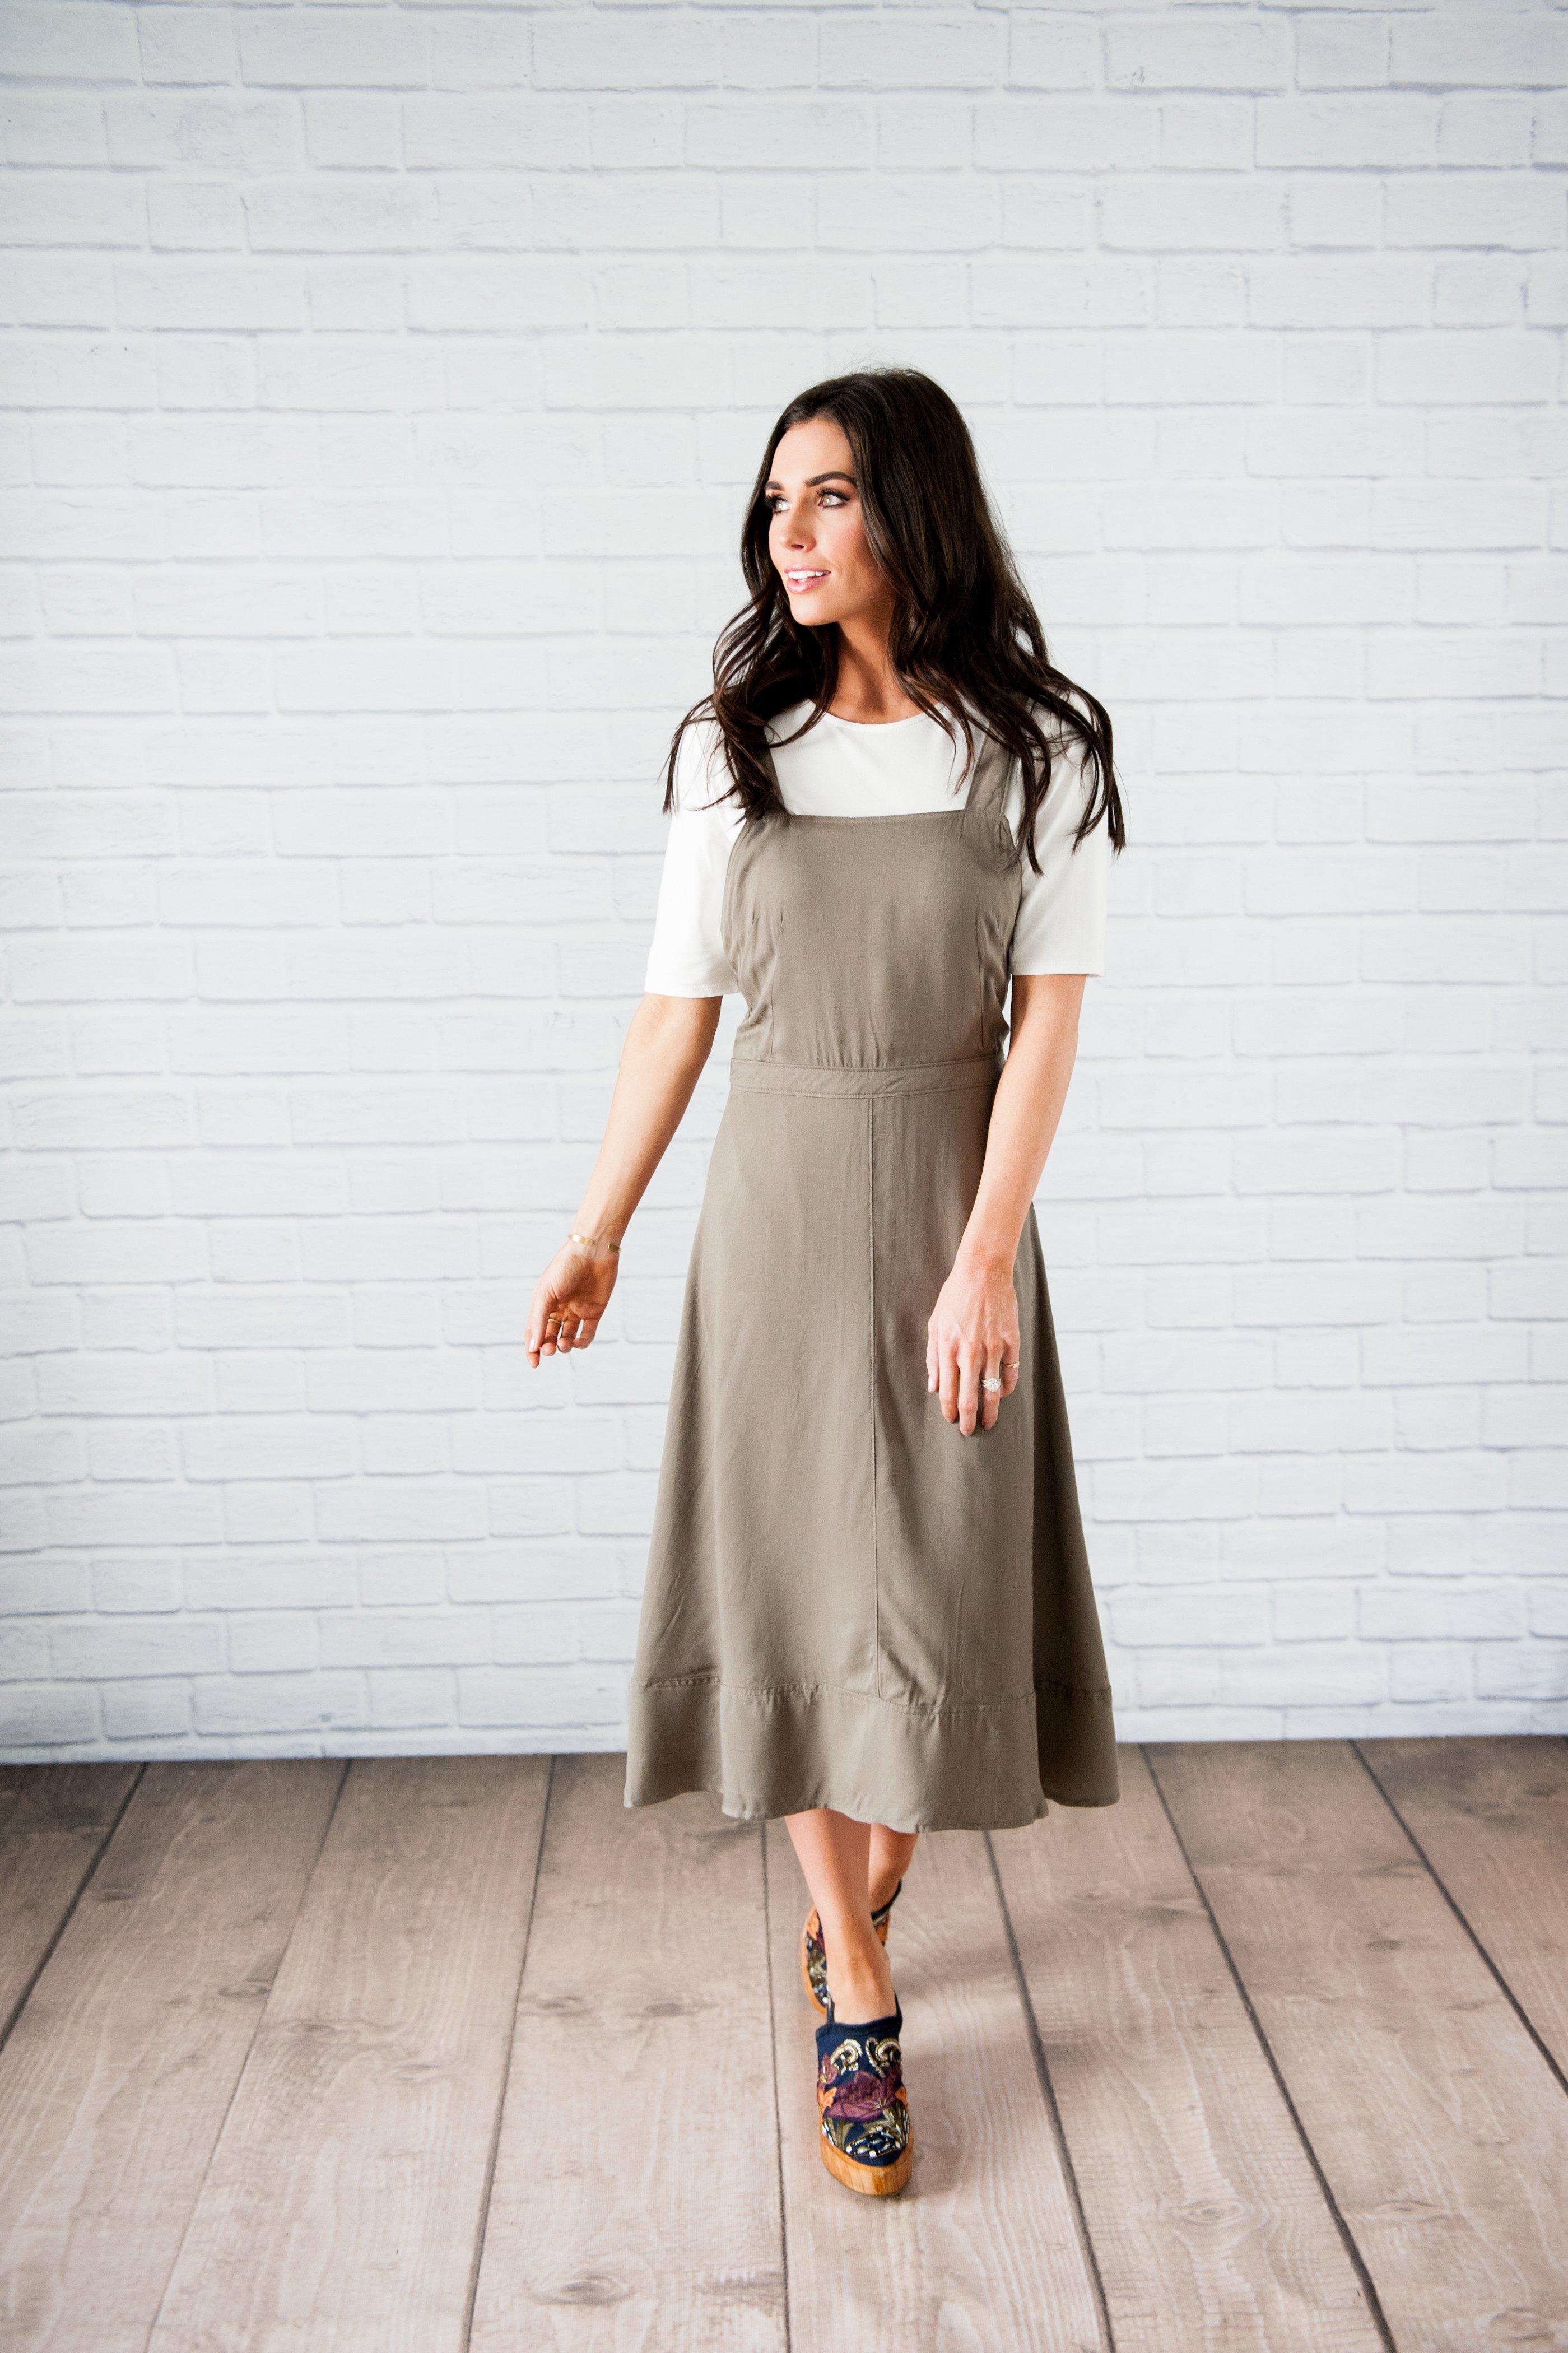 reggie jumper dress UOVUOIL